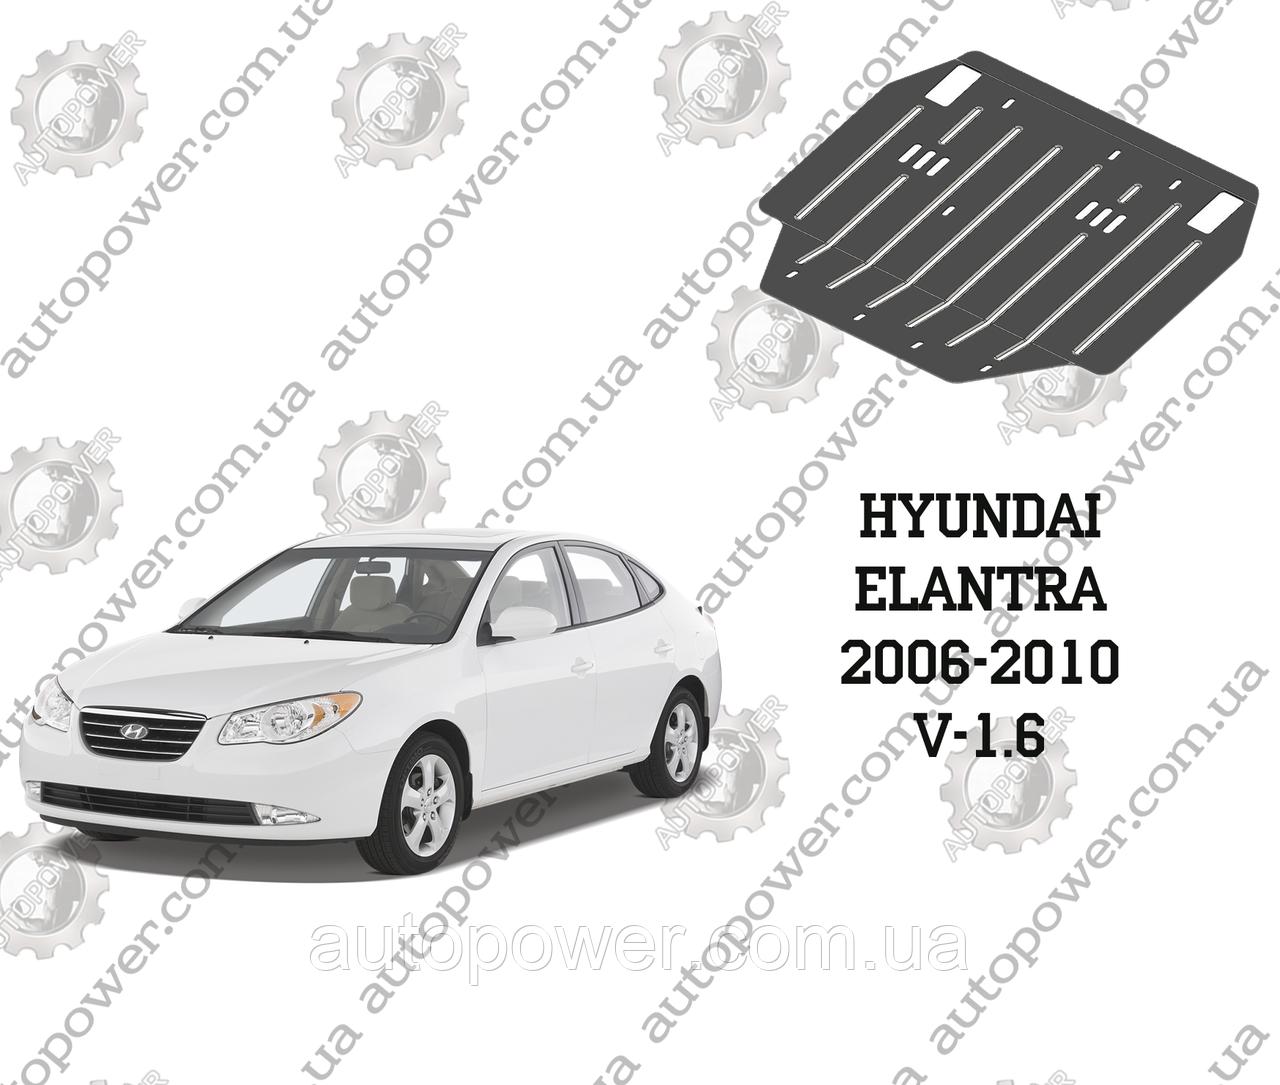 Защита HYUNDAI ELANTRA АКПП V1.6 2006-2010